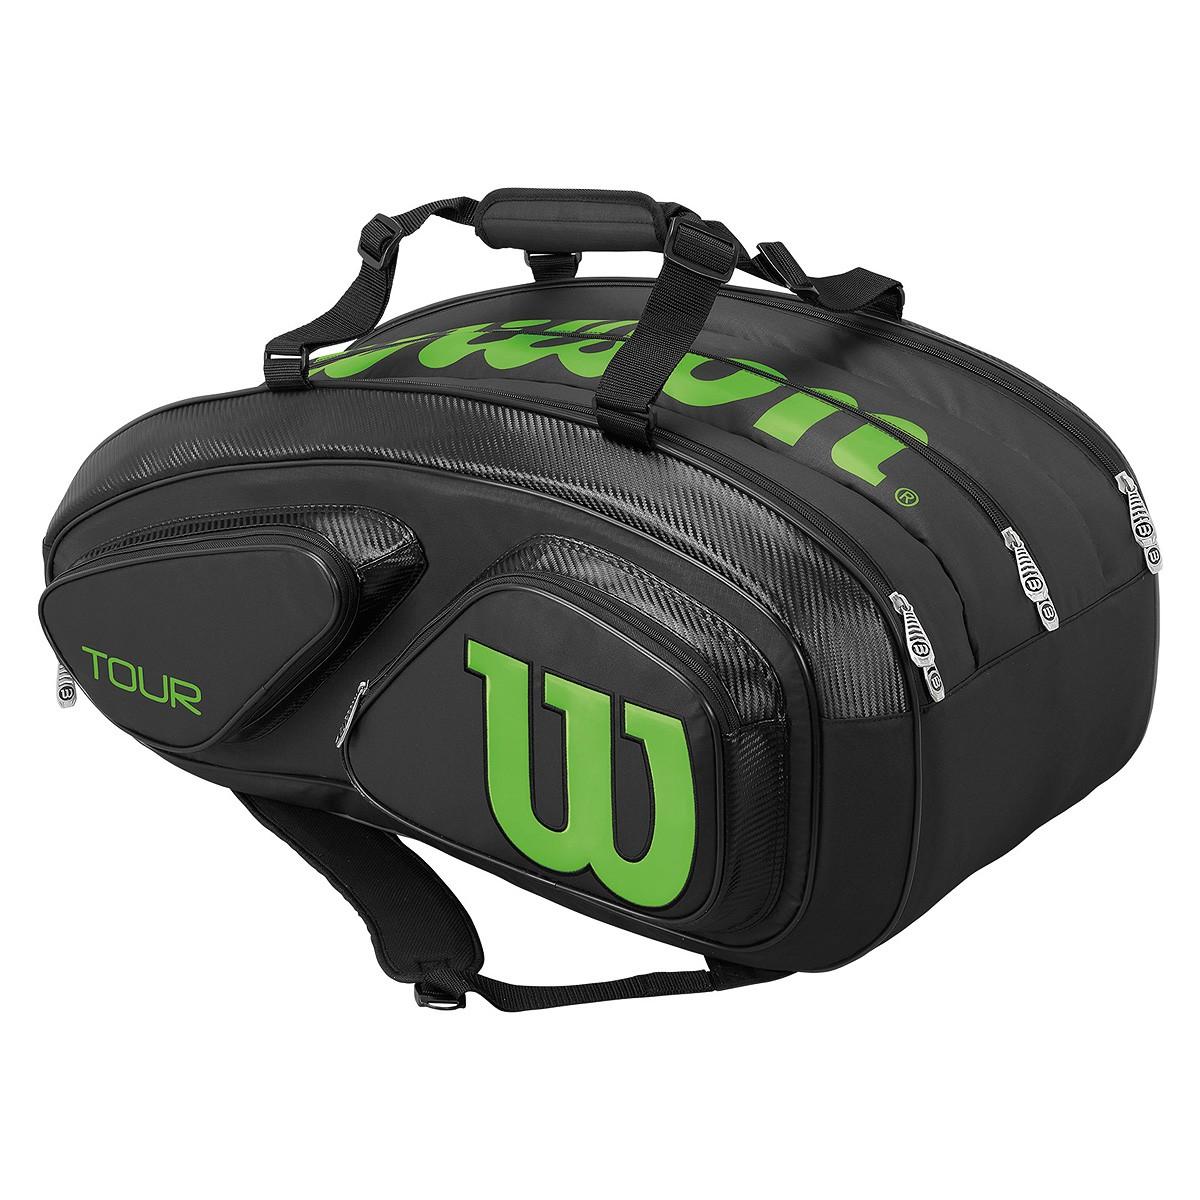 Torba tenisowa Wilson Tour V Black 15 Pack Bag